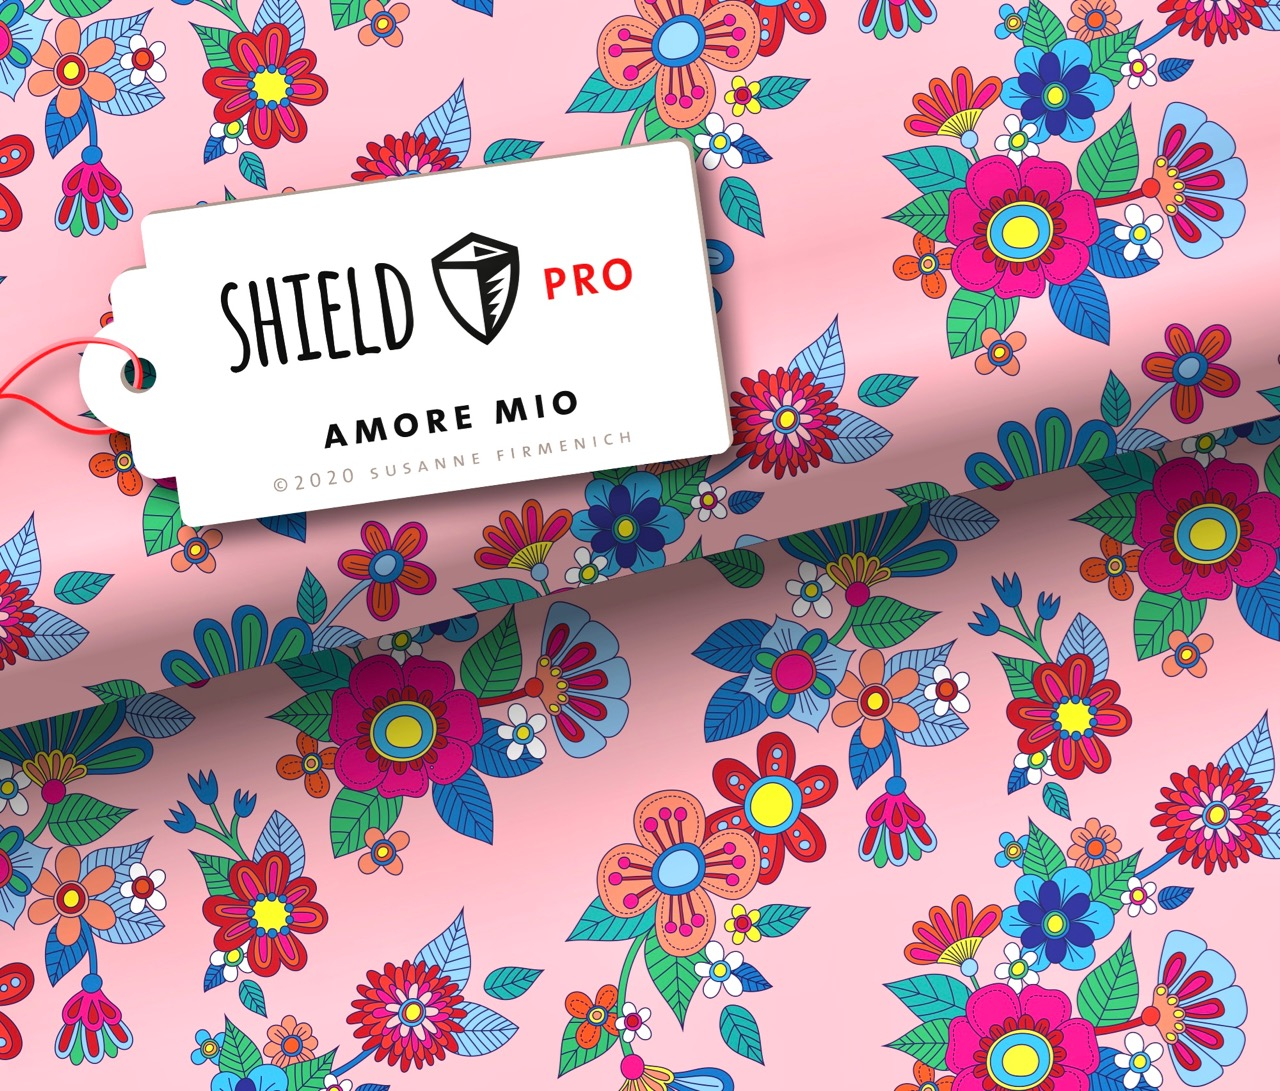 Shield Pro - Amore Mio von Hamburger Liebe & Albstoffe - antimikrobiell